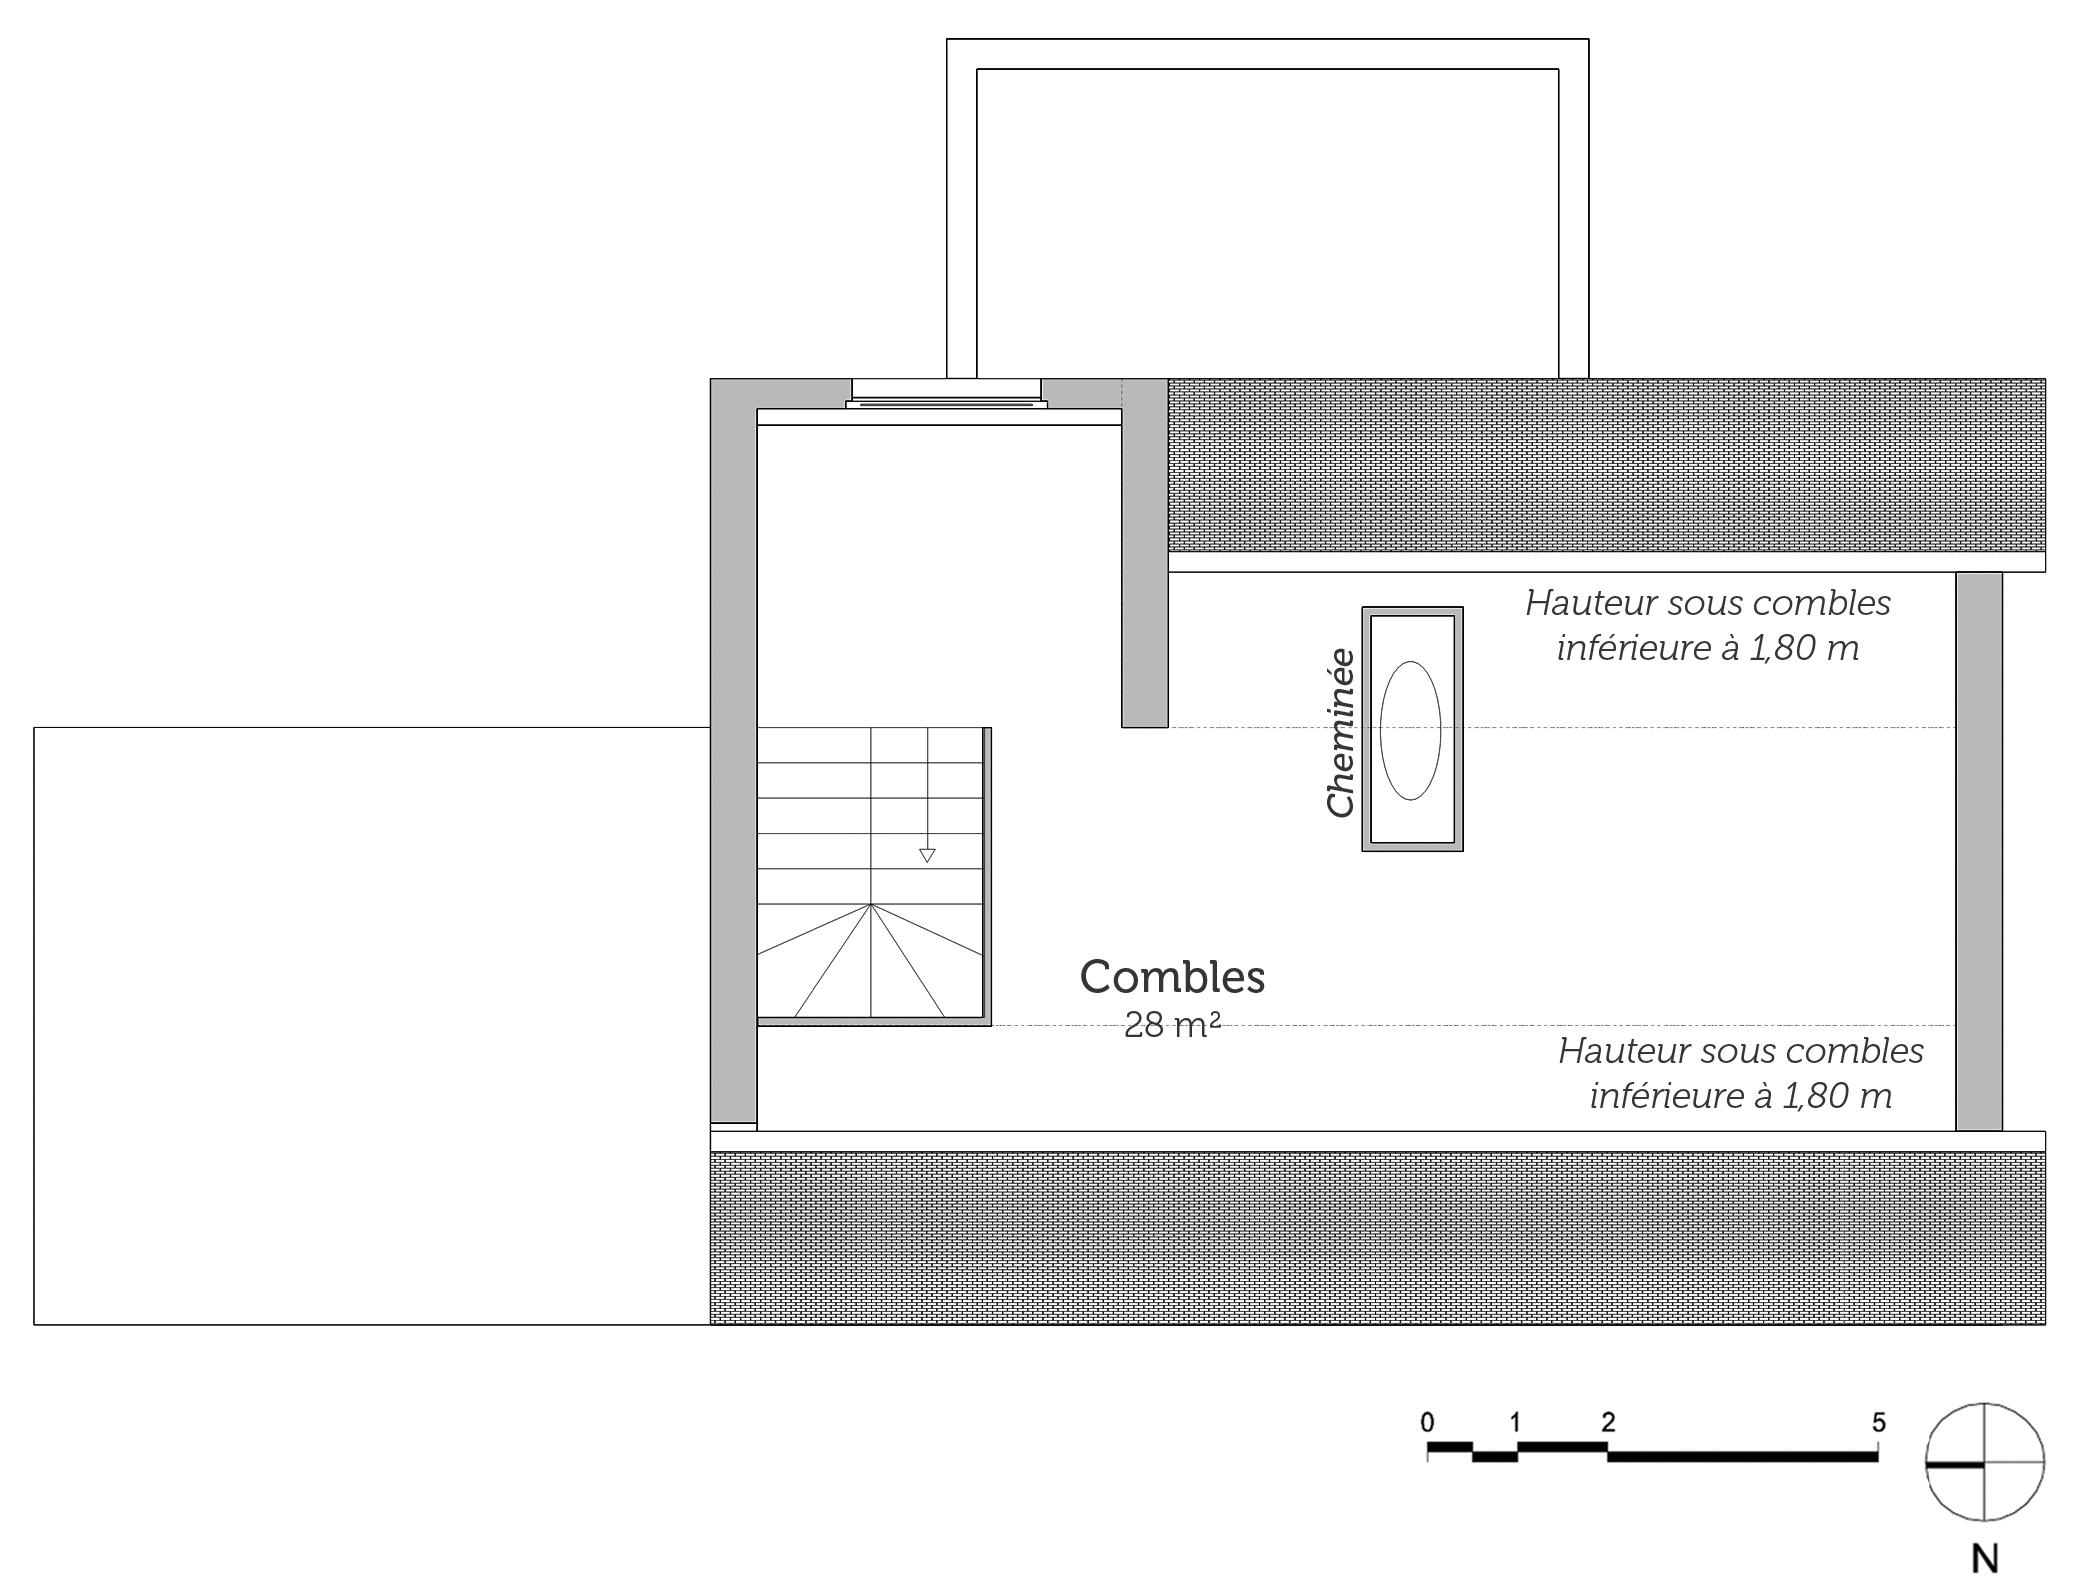 Idee Couleur Salle De Bain Zen : Plan maison a étage avec combles aménageables ‒ Ooreka